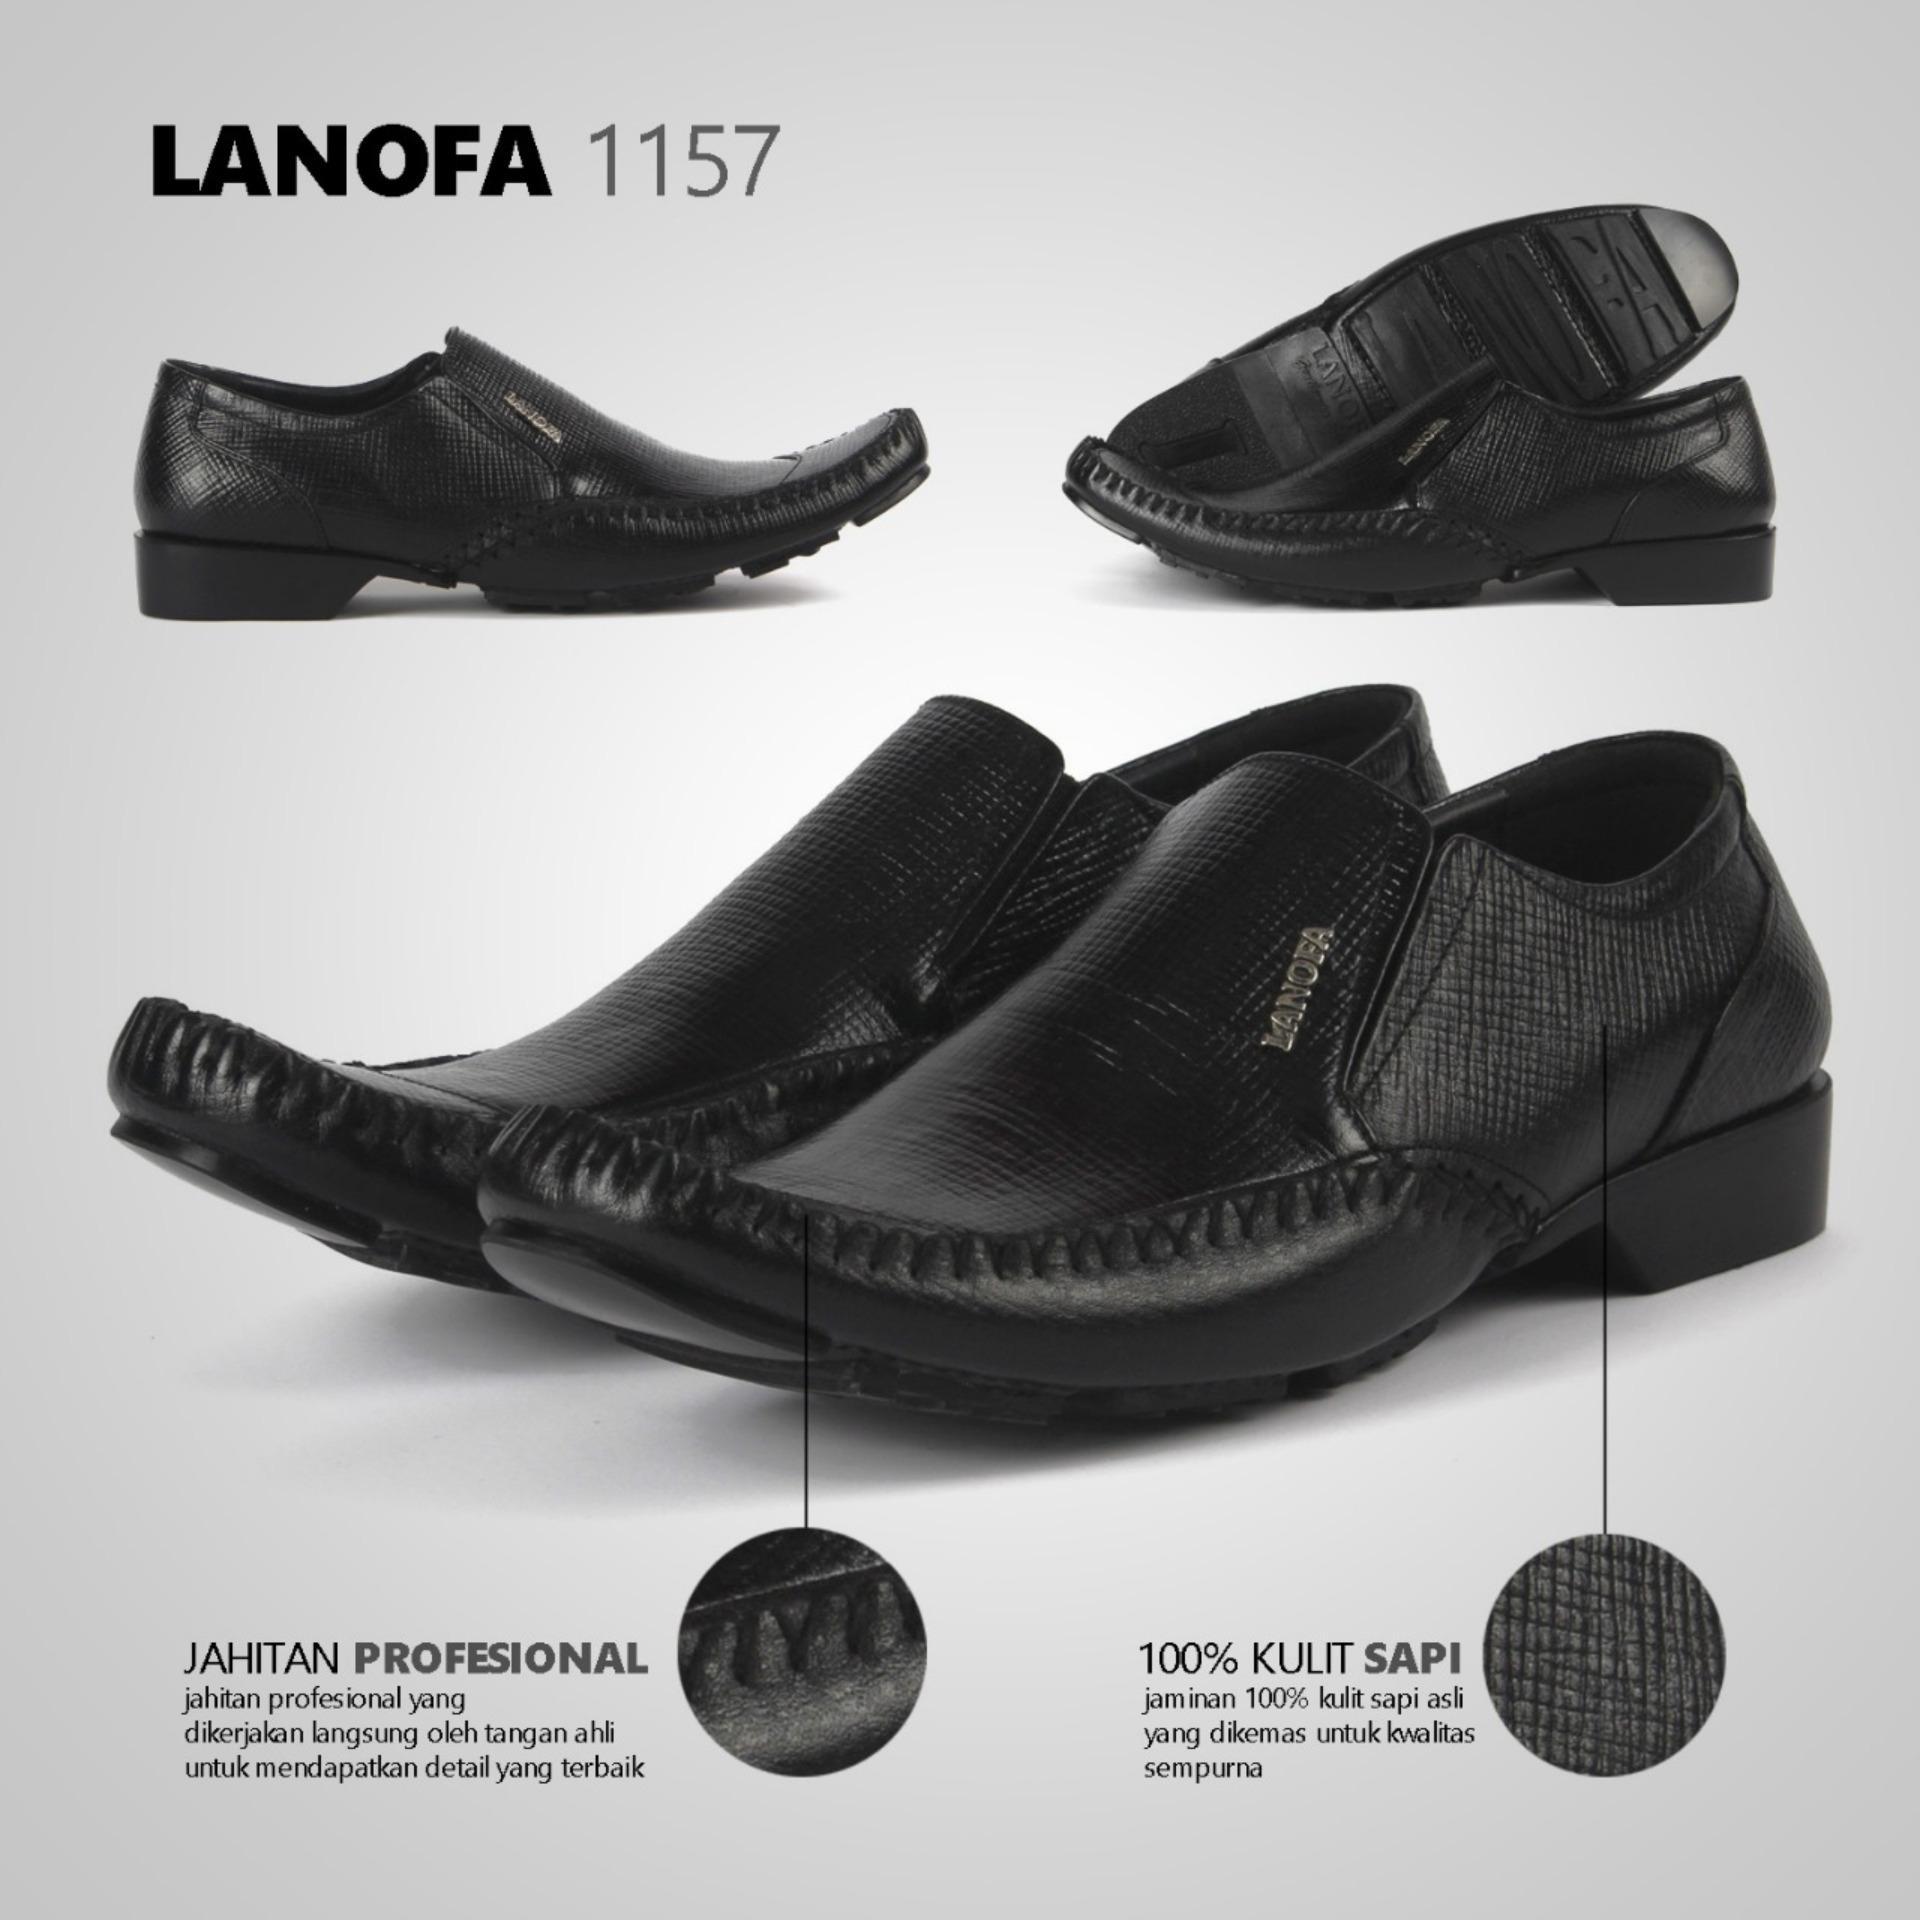 Sepatu Pantofel Pria 100%Kulit Asli LANOFA 1157 Di Jakarta